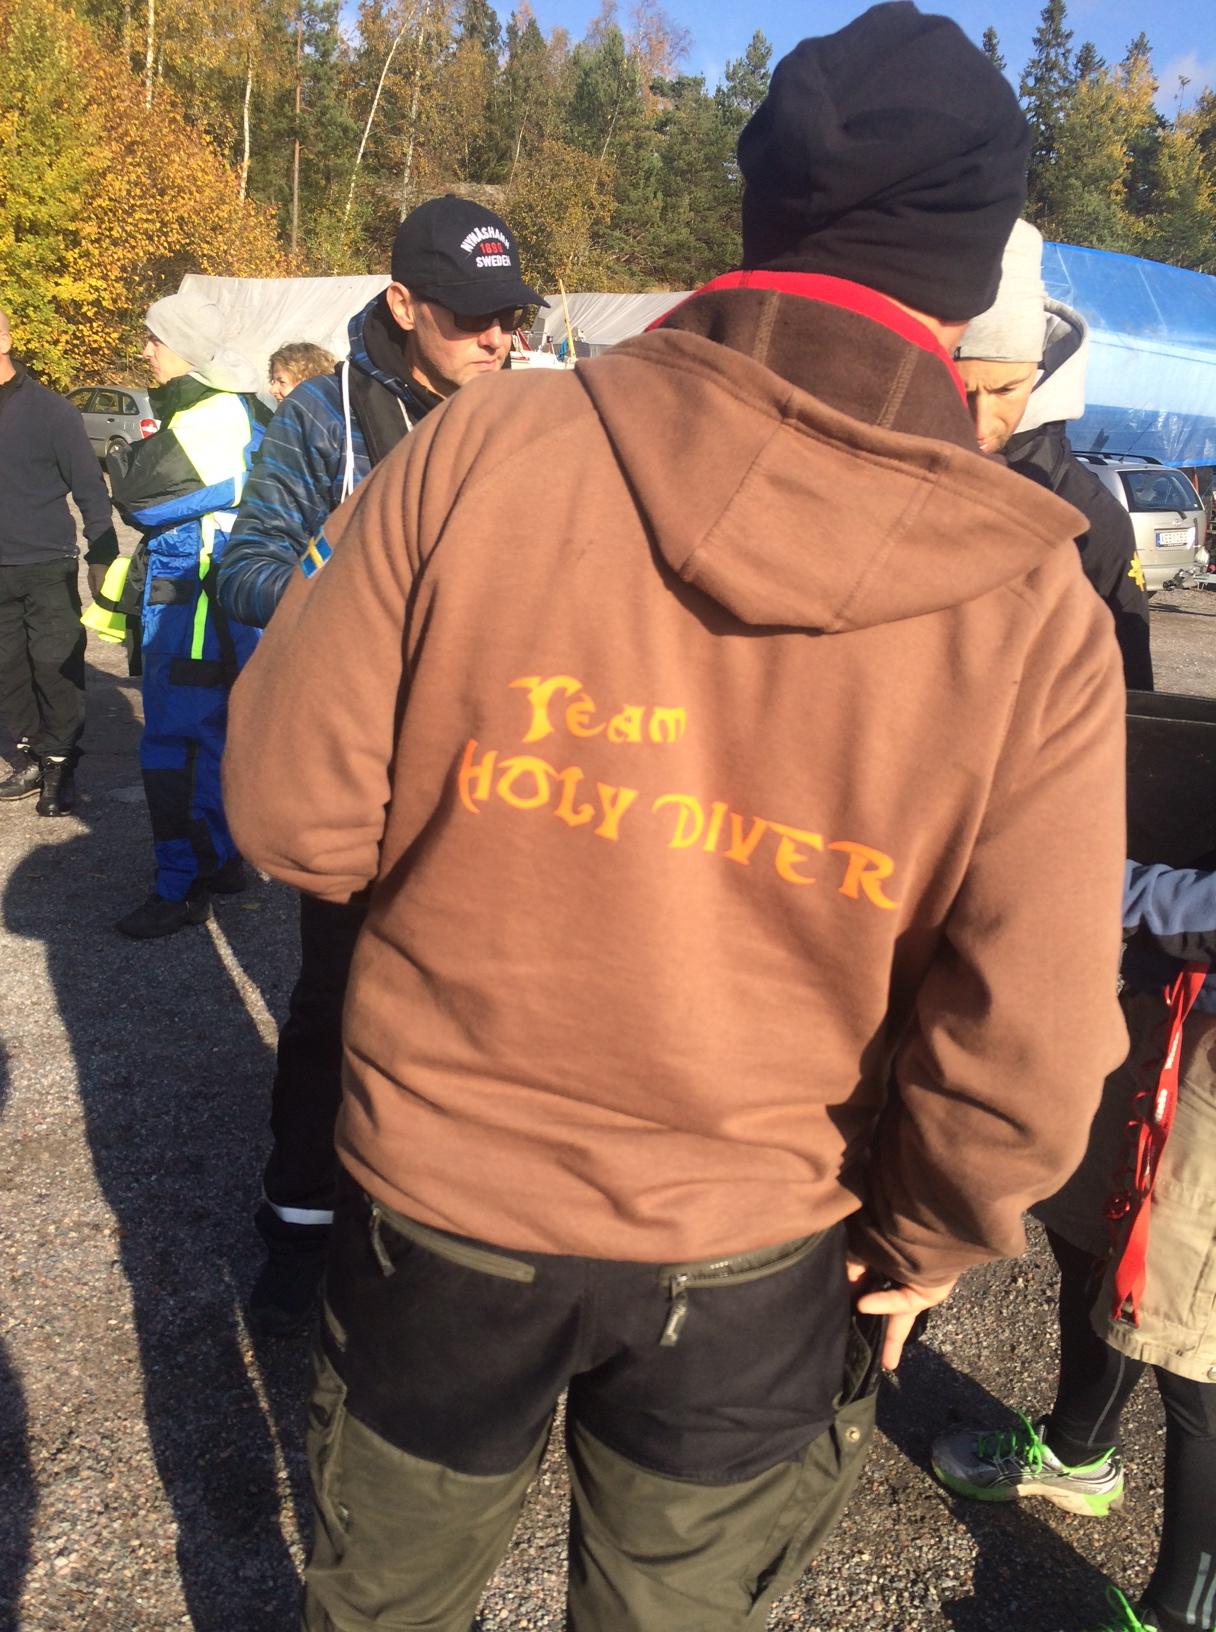 Team Holy Diver - några av många rutinerade Team